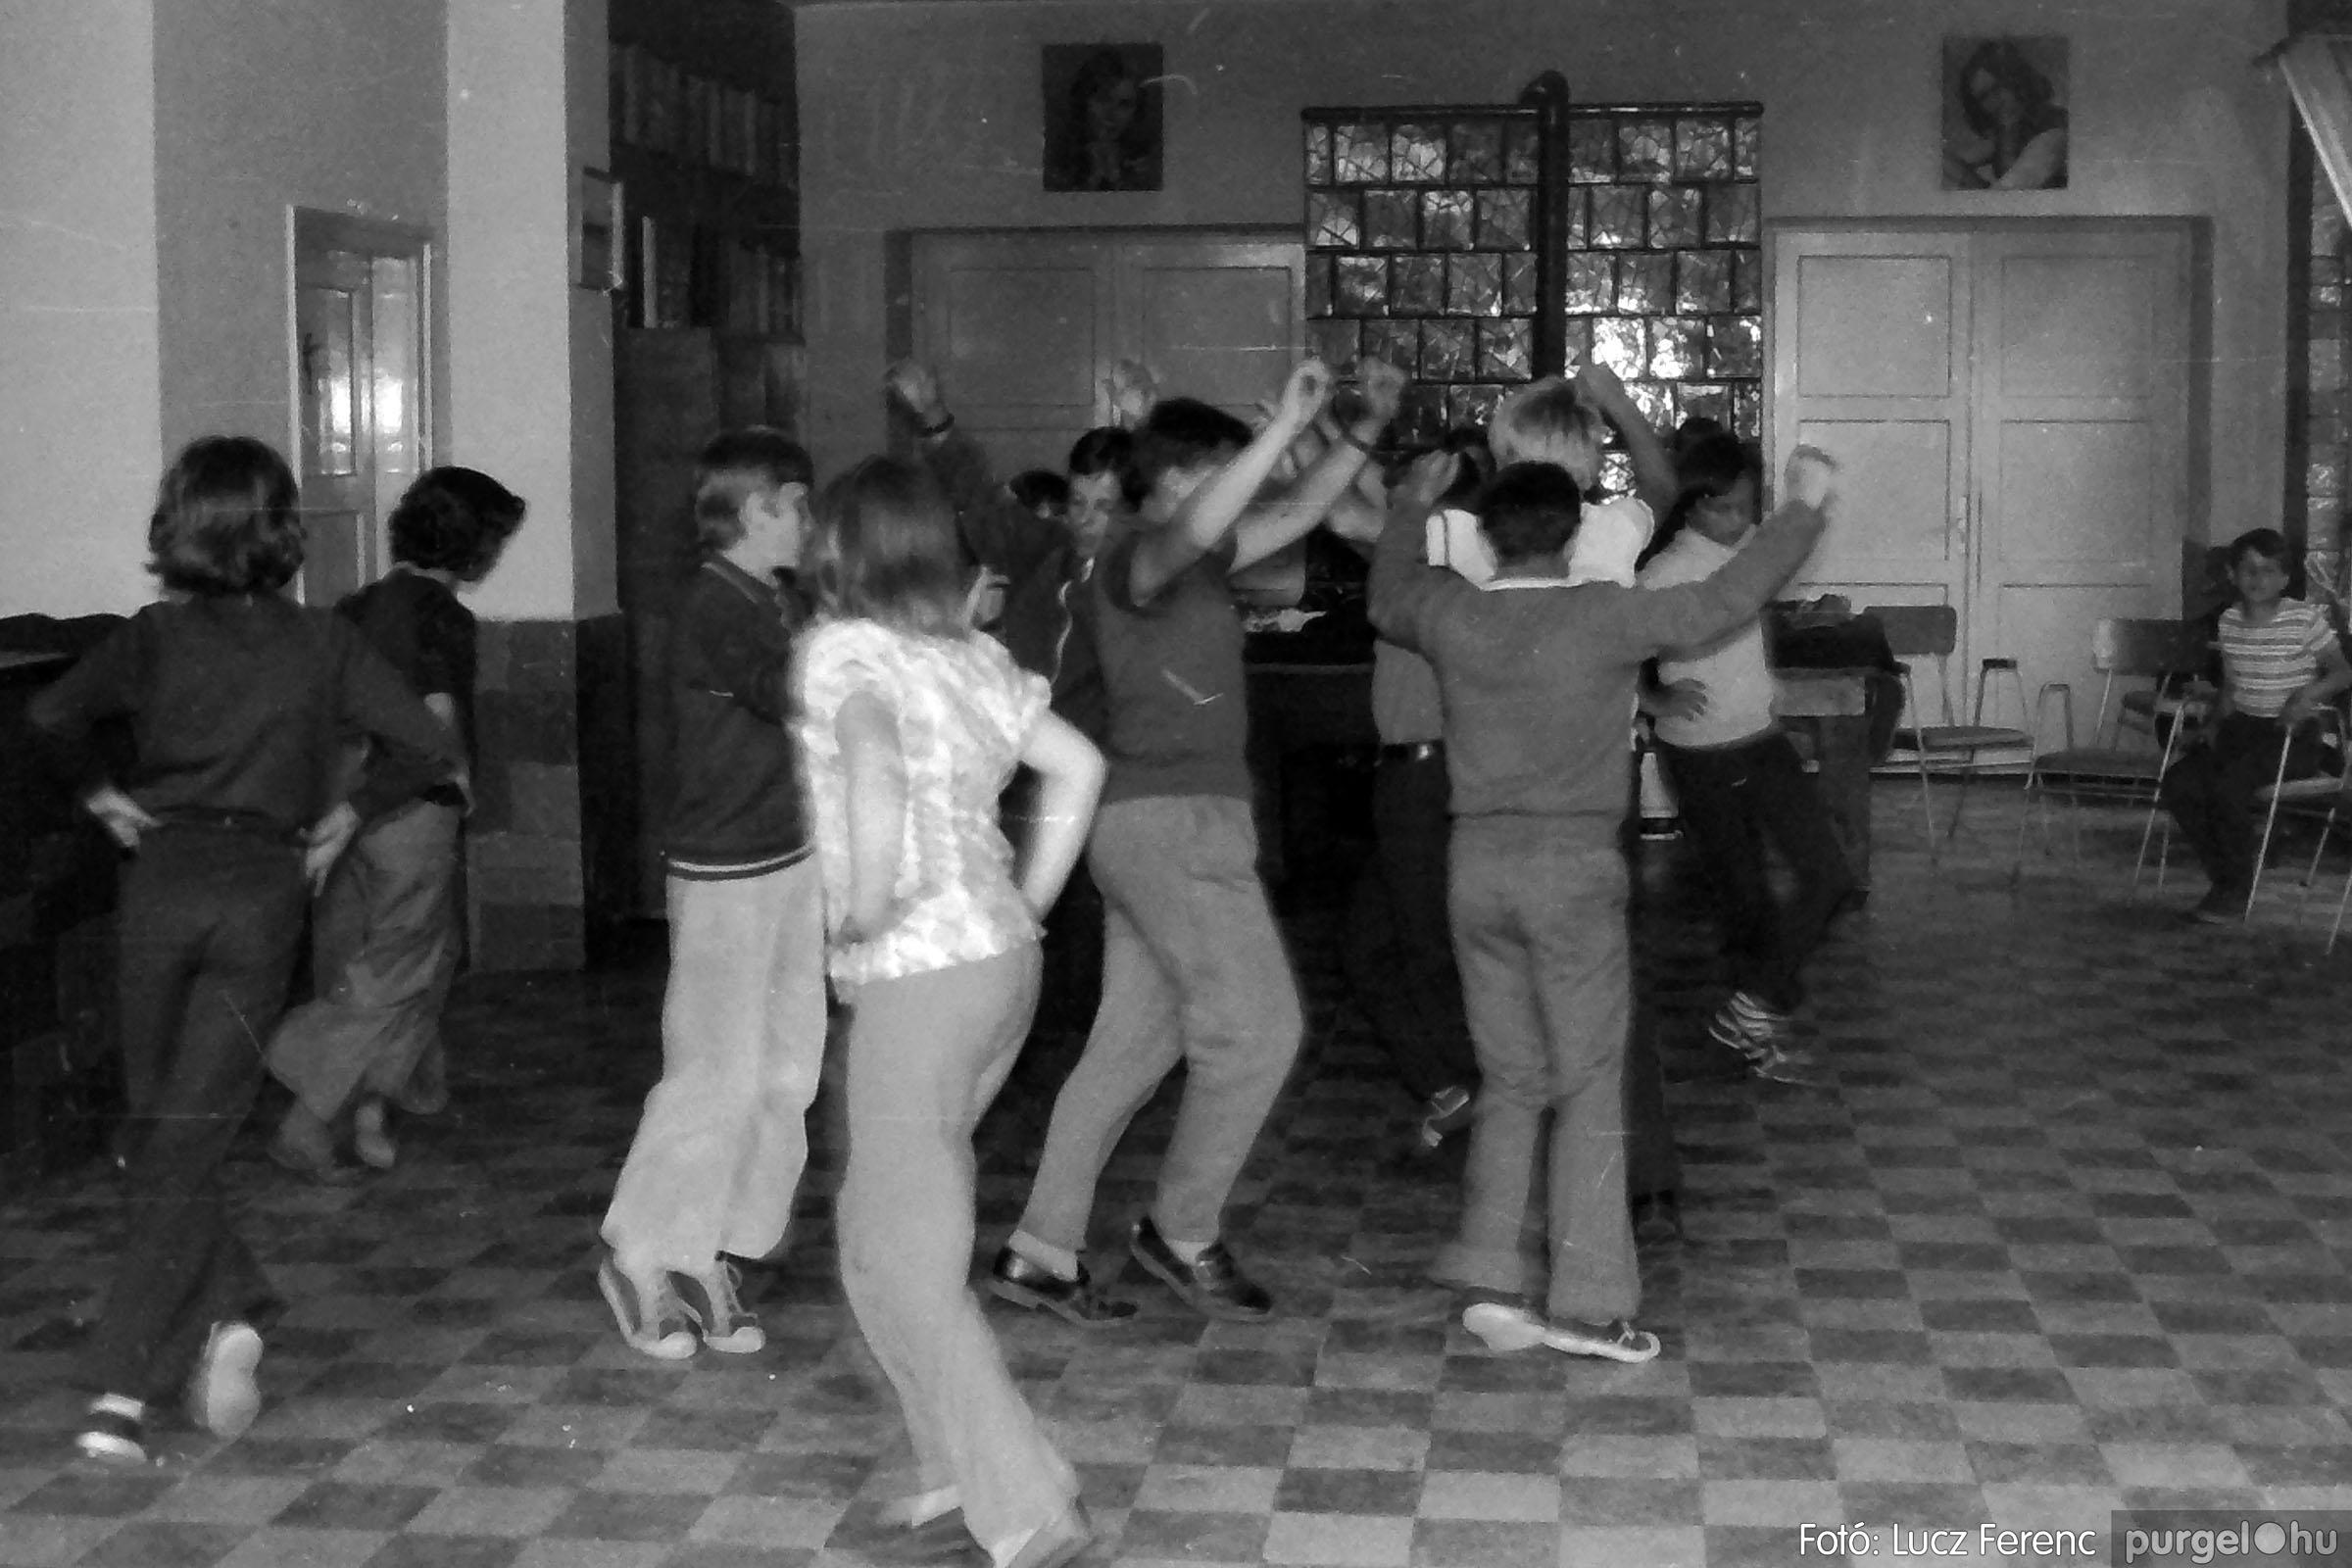 018-019 1975. Élet a kultúrházban 025 - Fotó: Lucz Ferenc IMG00072q.jpg